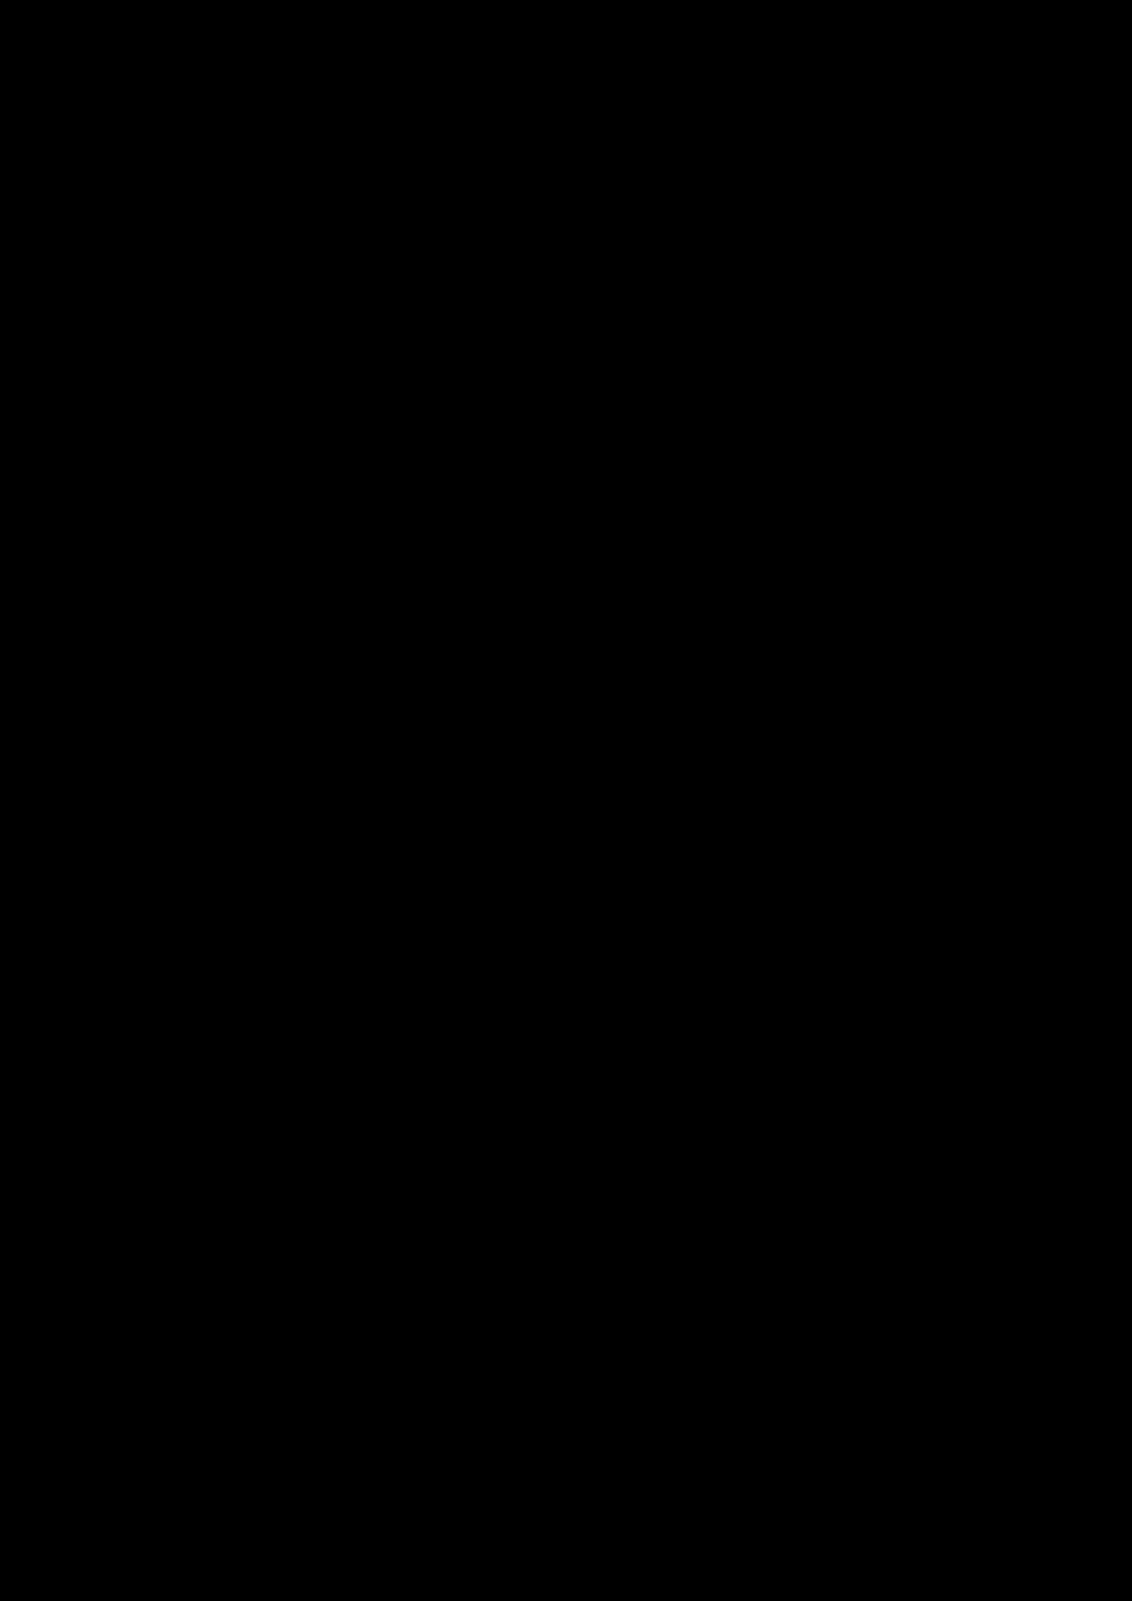 Serdtse slide, Image 47